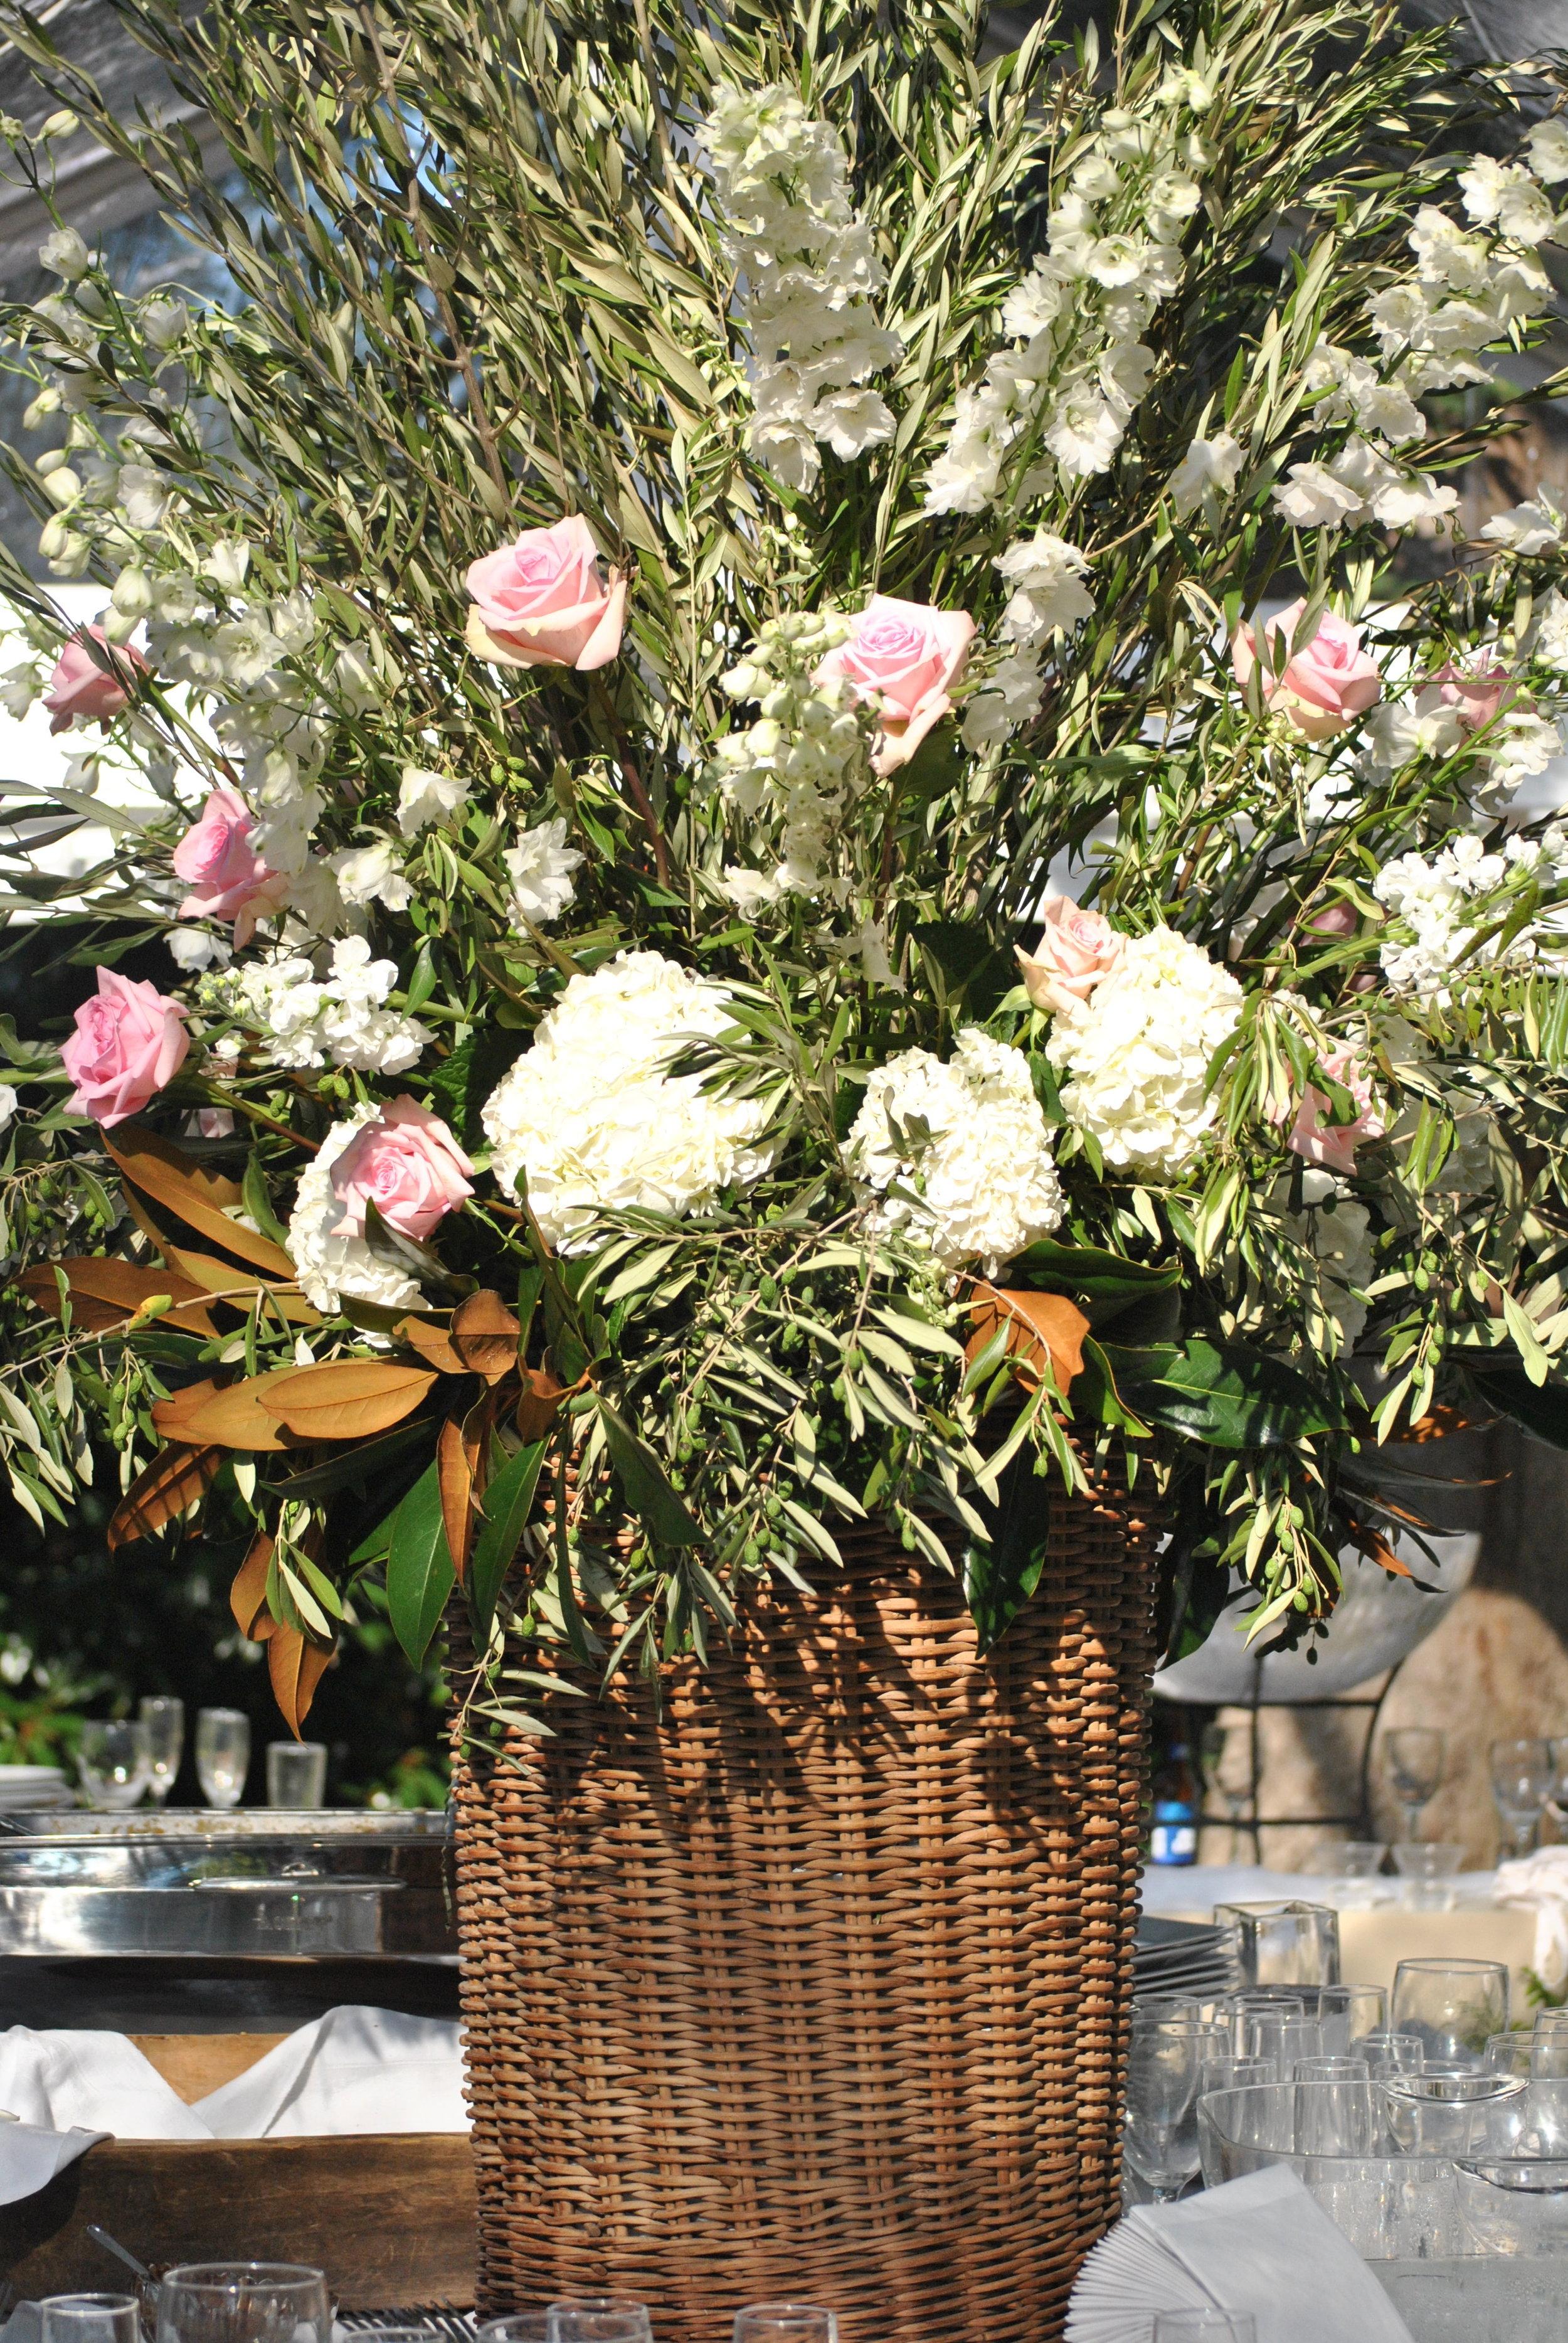 Spectacular Flower Arrangement for wedding buffet centerpiece